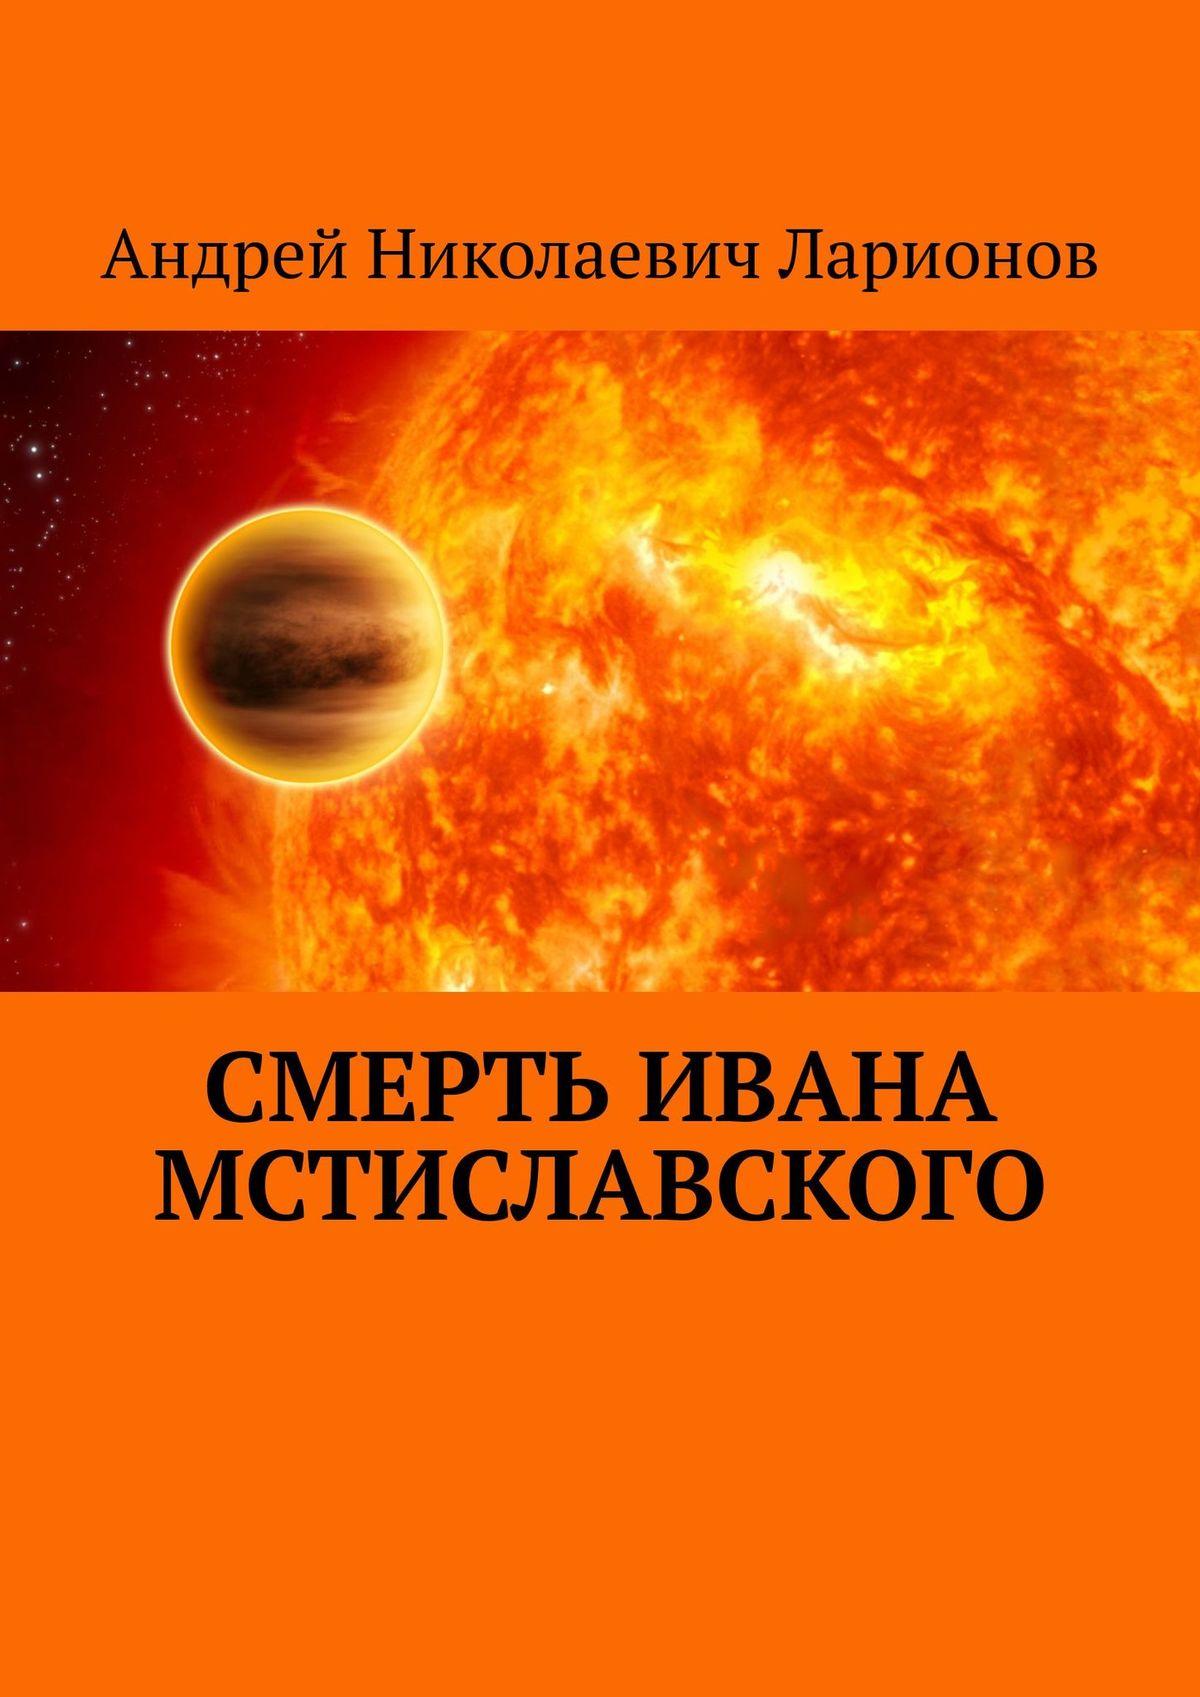 Купить книгу Смерть Ивана Мстиславского, автора Андрея Николаевича Ларионова